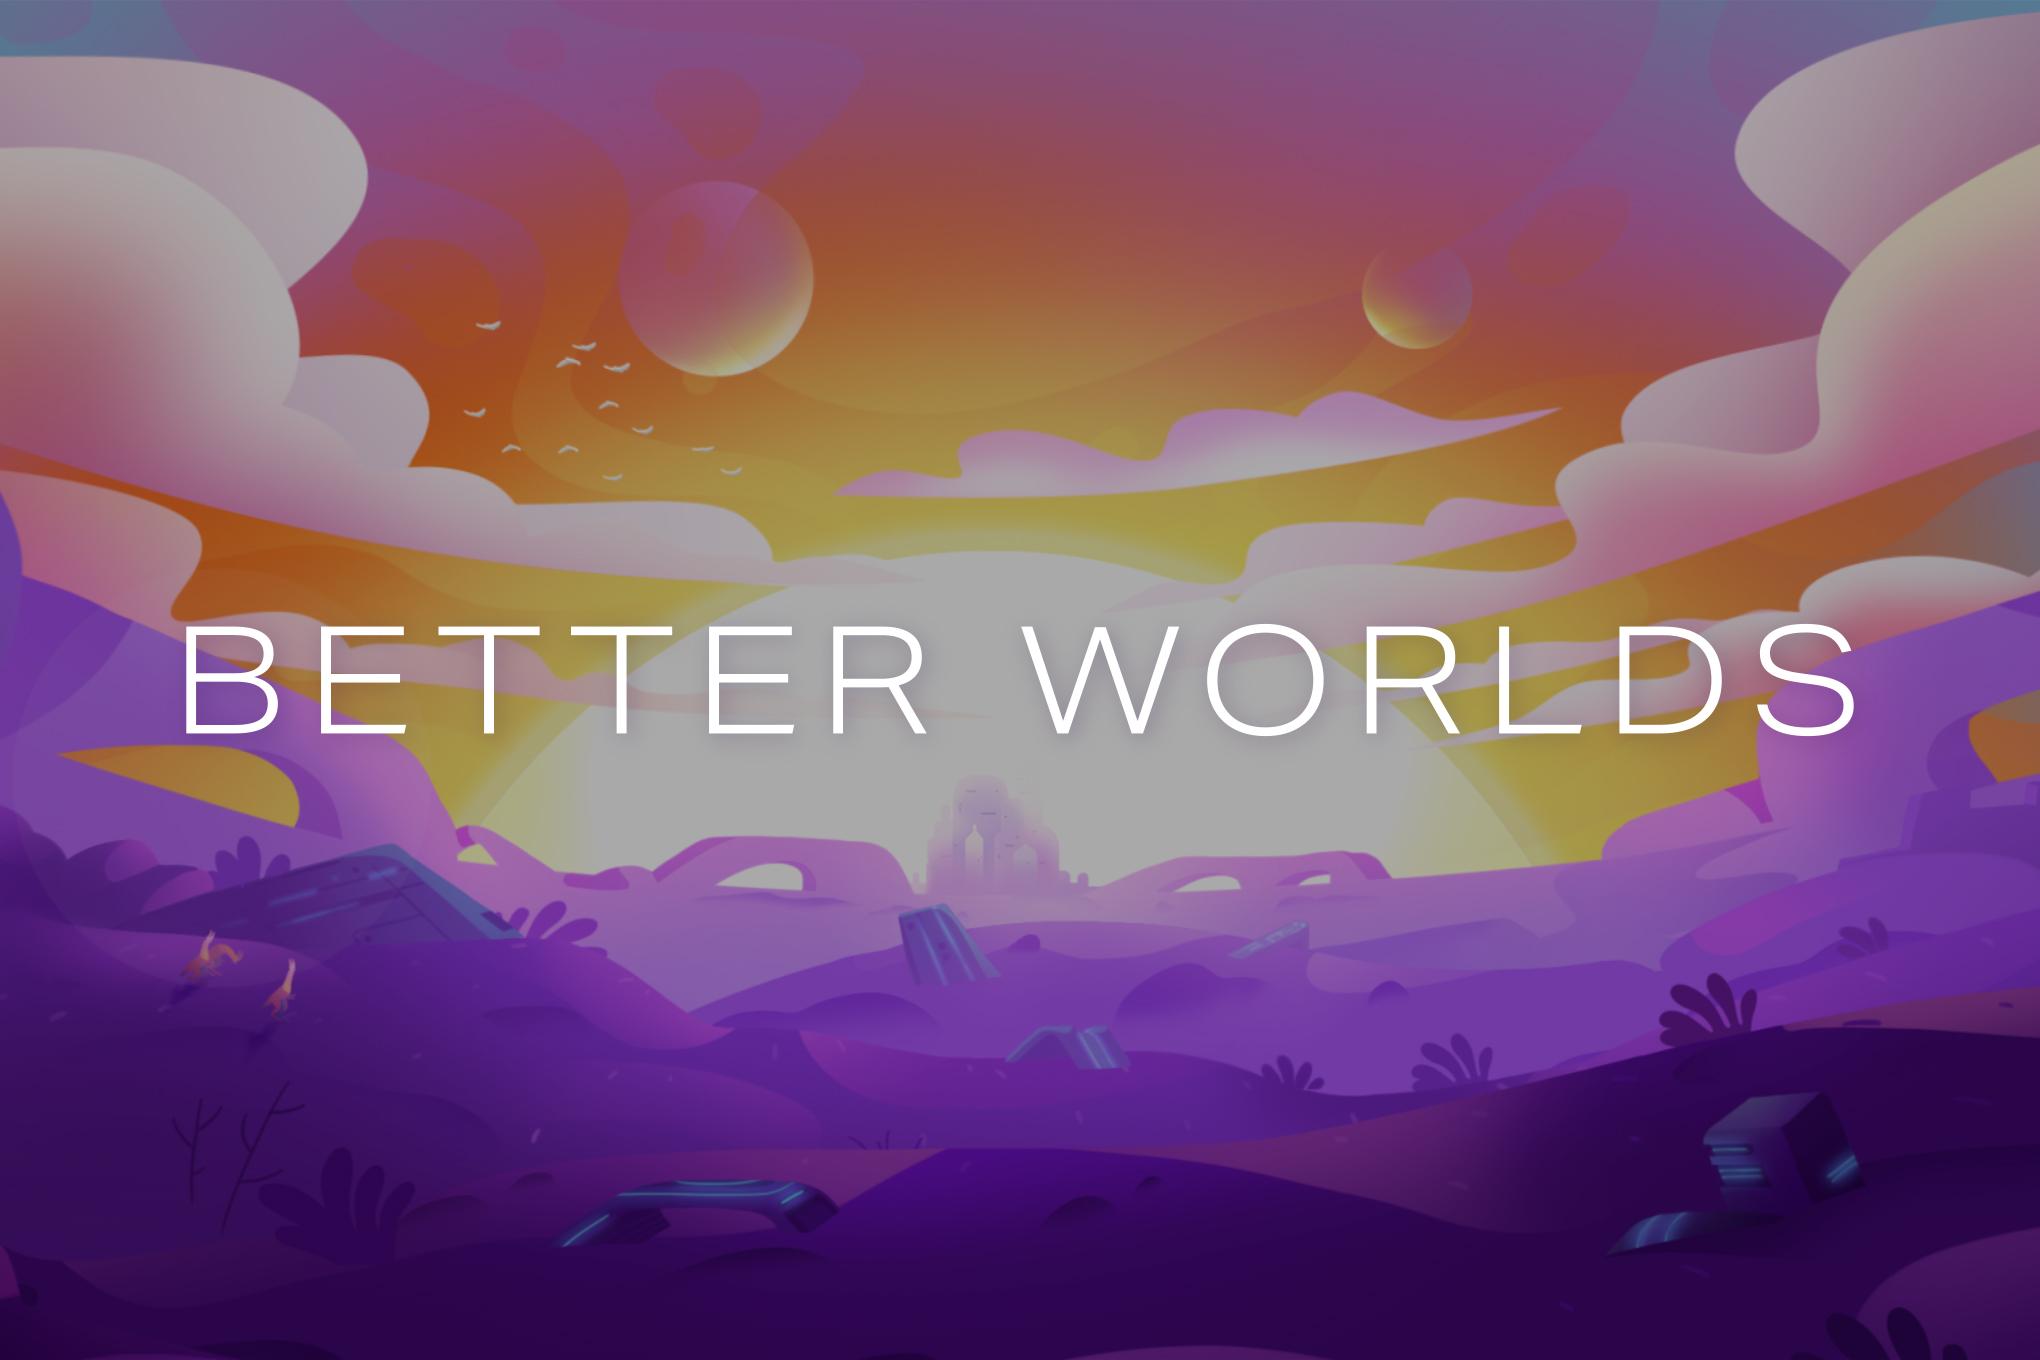 Better Worlds: